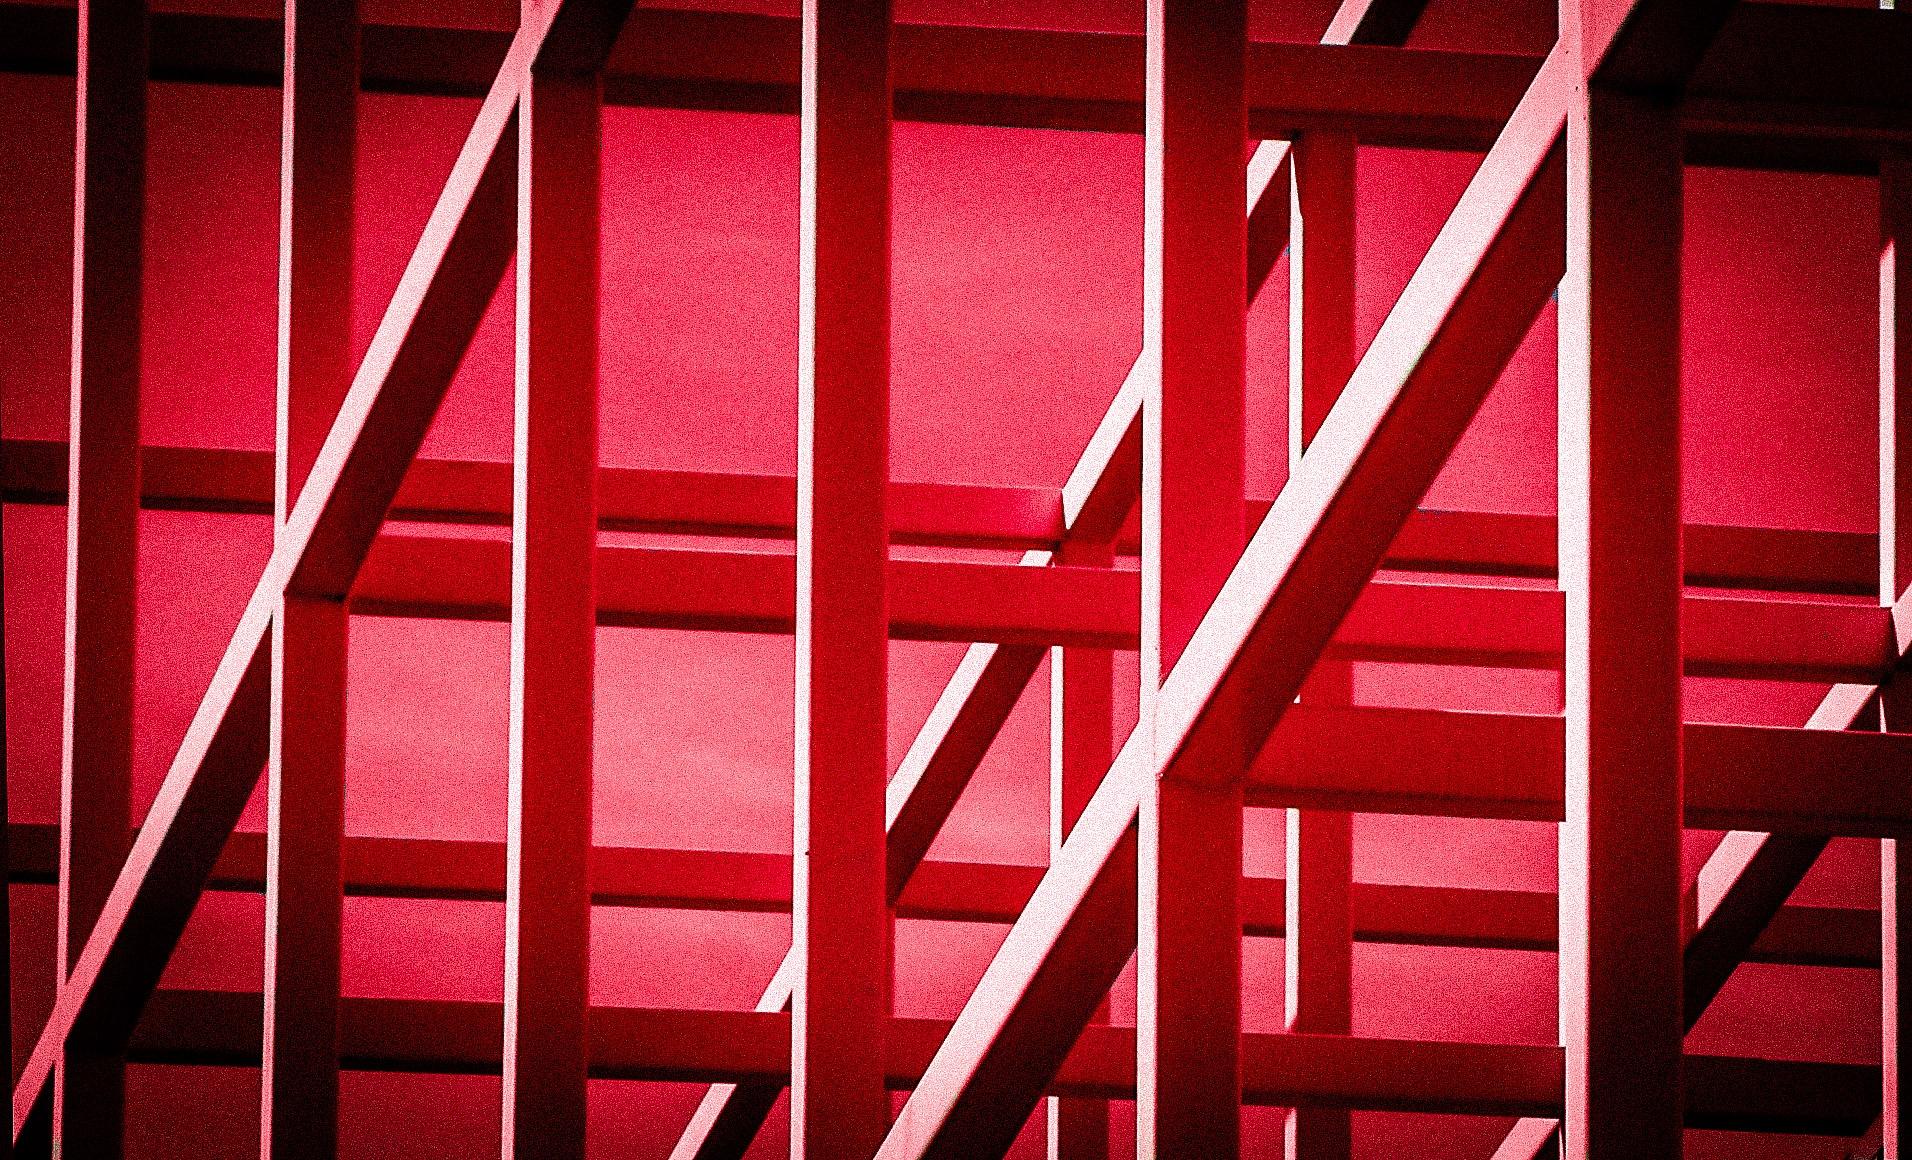 Wexlers Lines by Kevinek